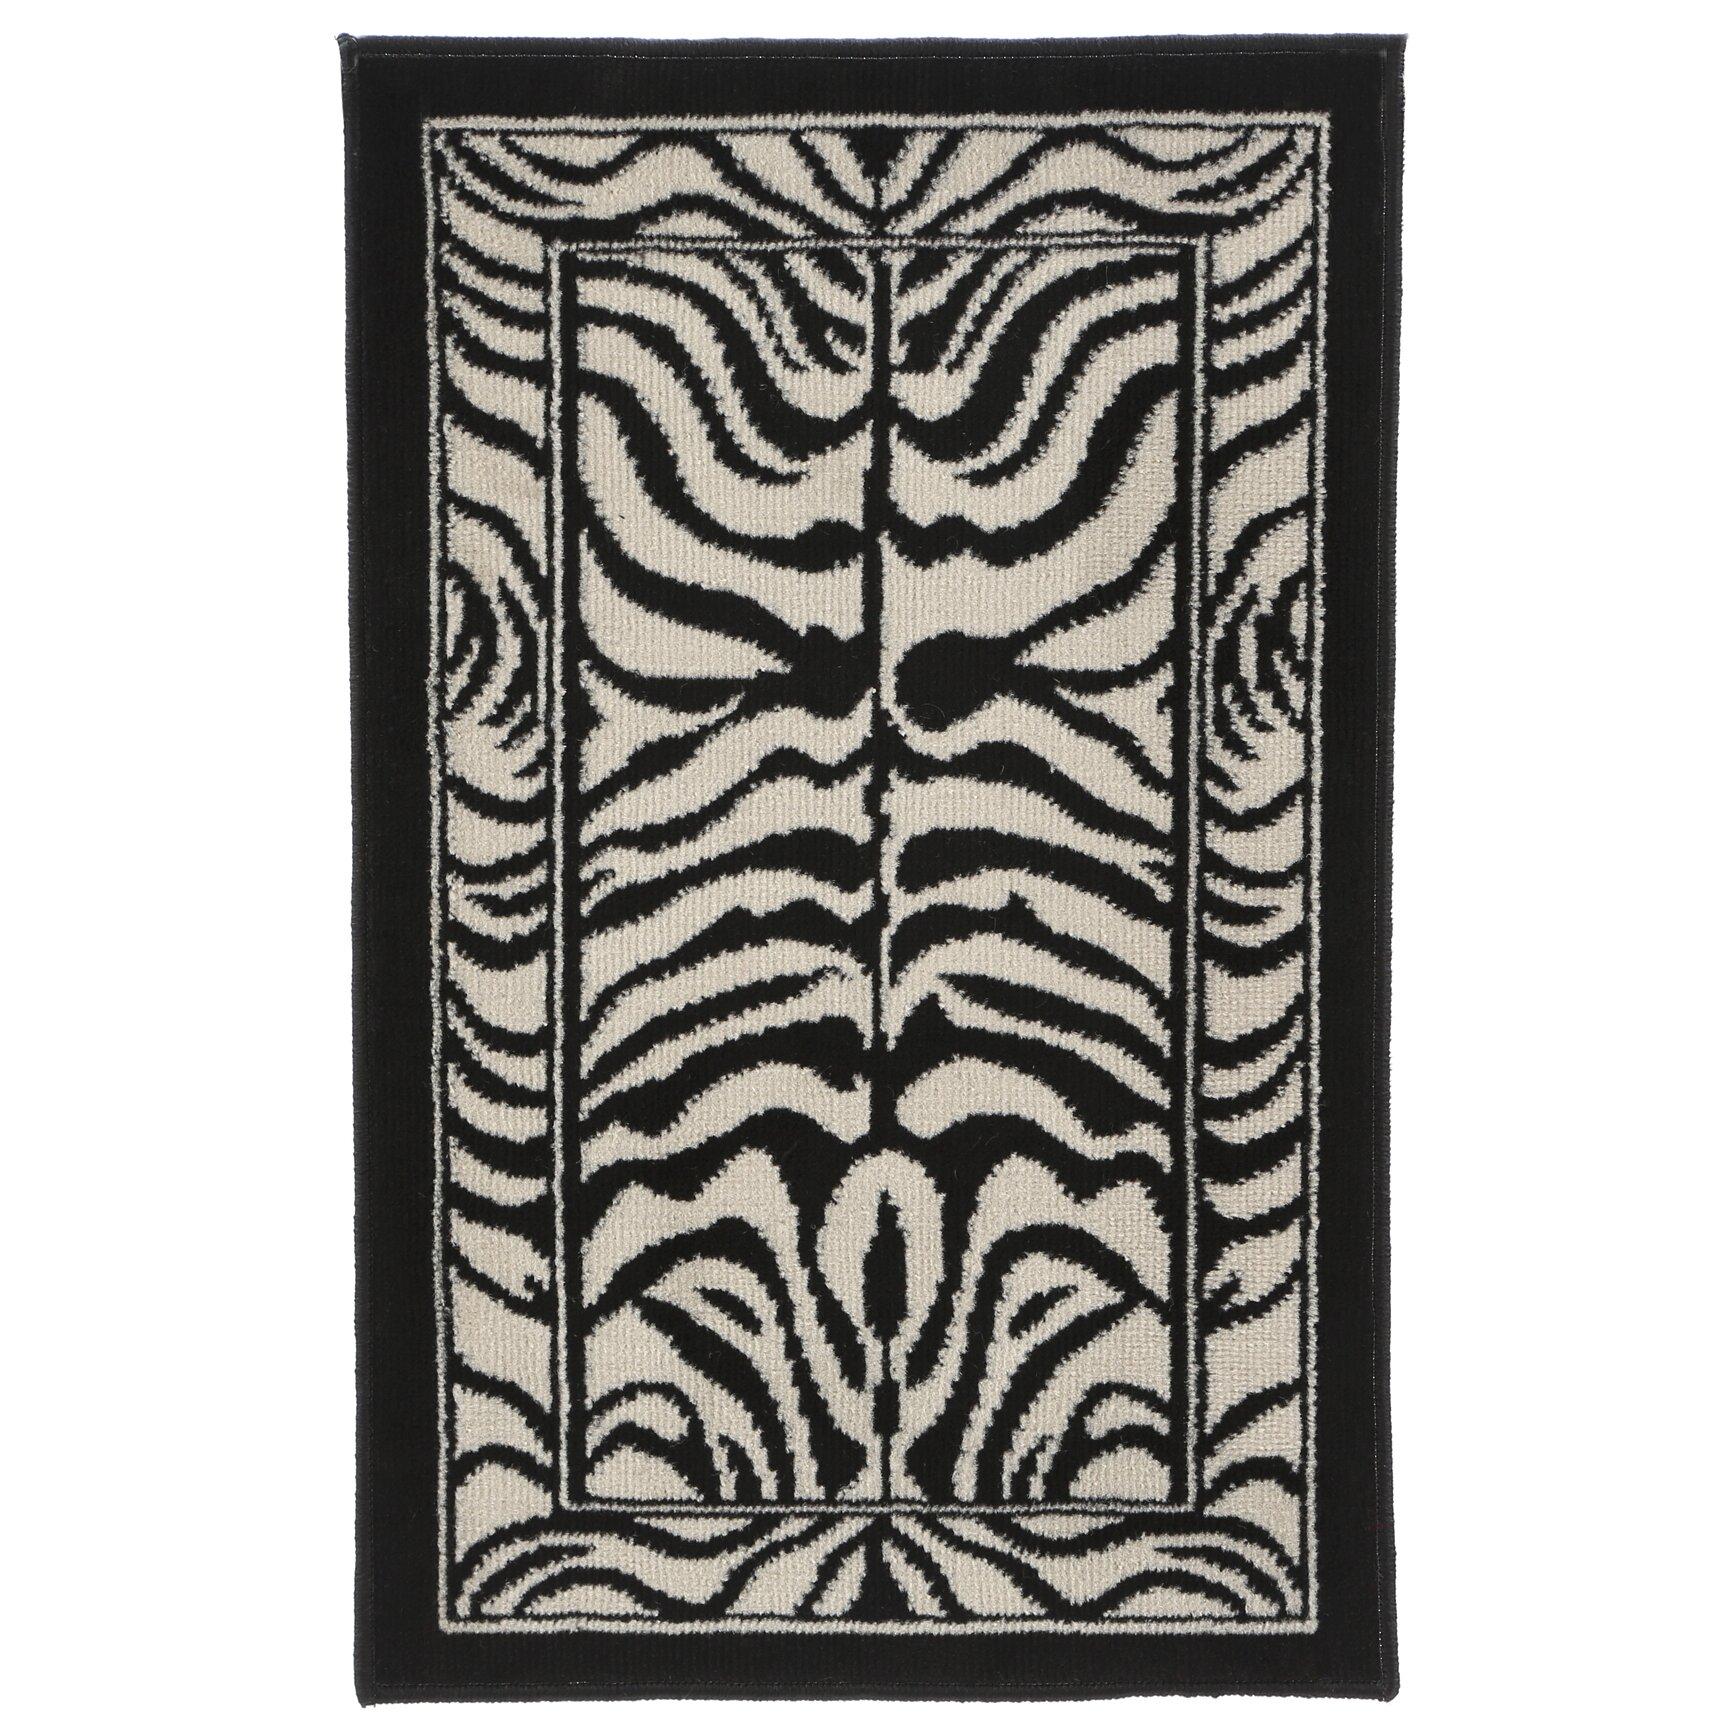 Zebra Rug Wayfair: Home Dynamix Zone Zebra Print Ebony Area Rug & Reviews